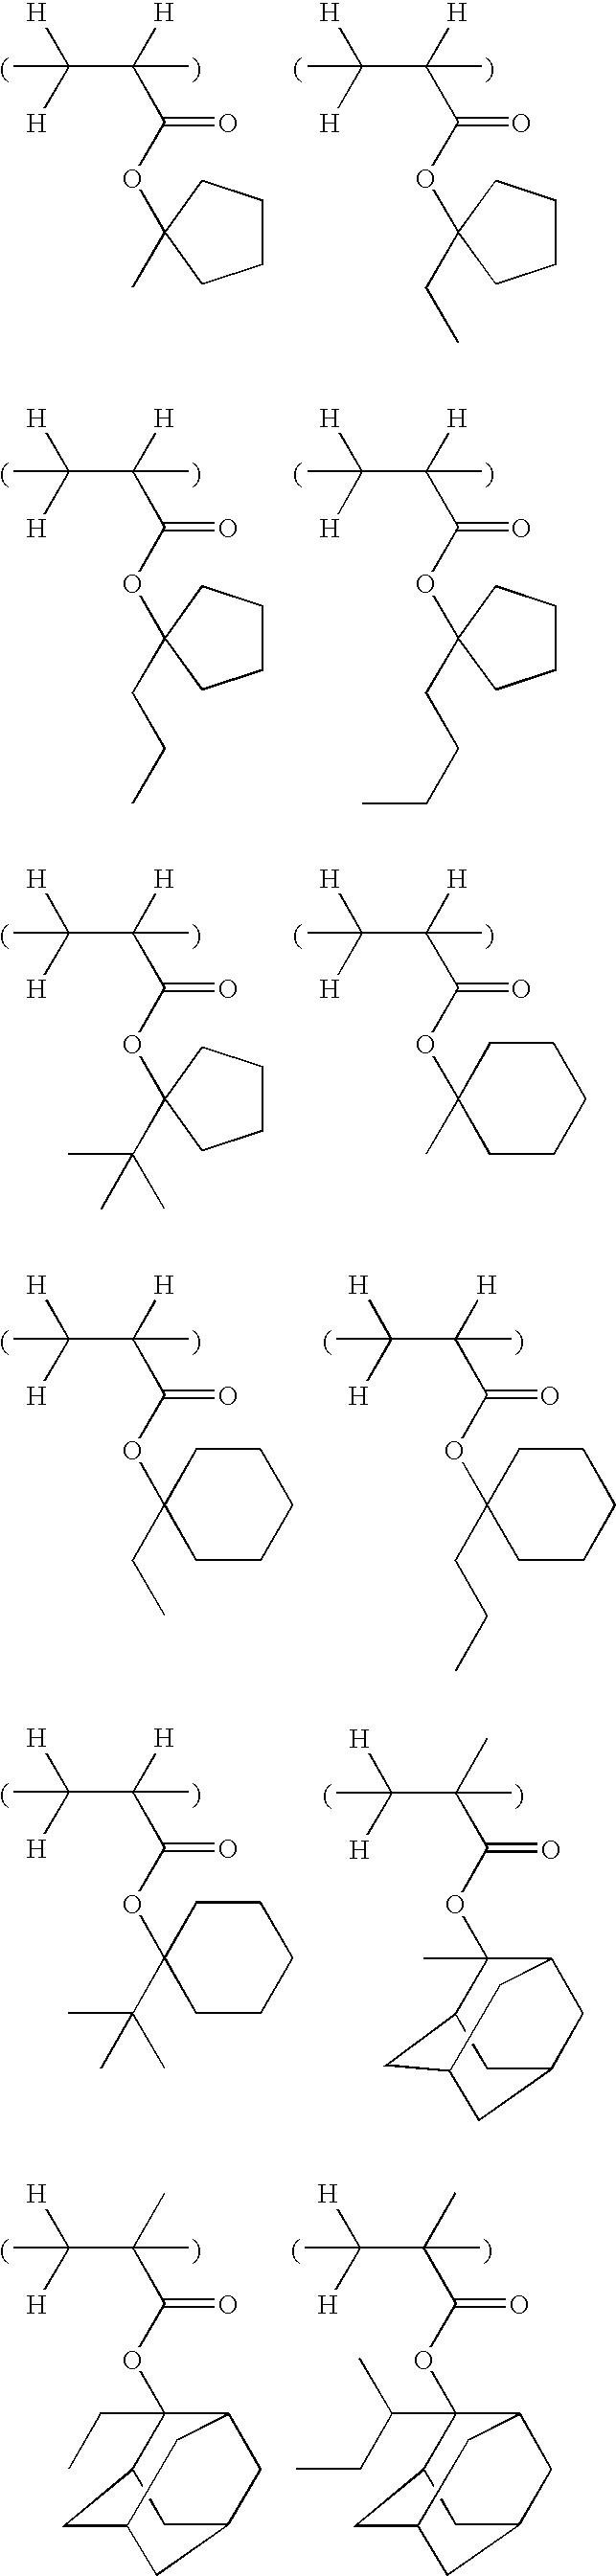 Figure US20080026331A1-20080131-C00043